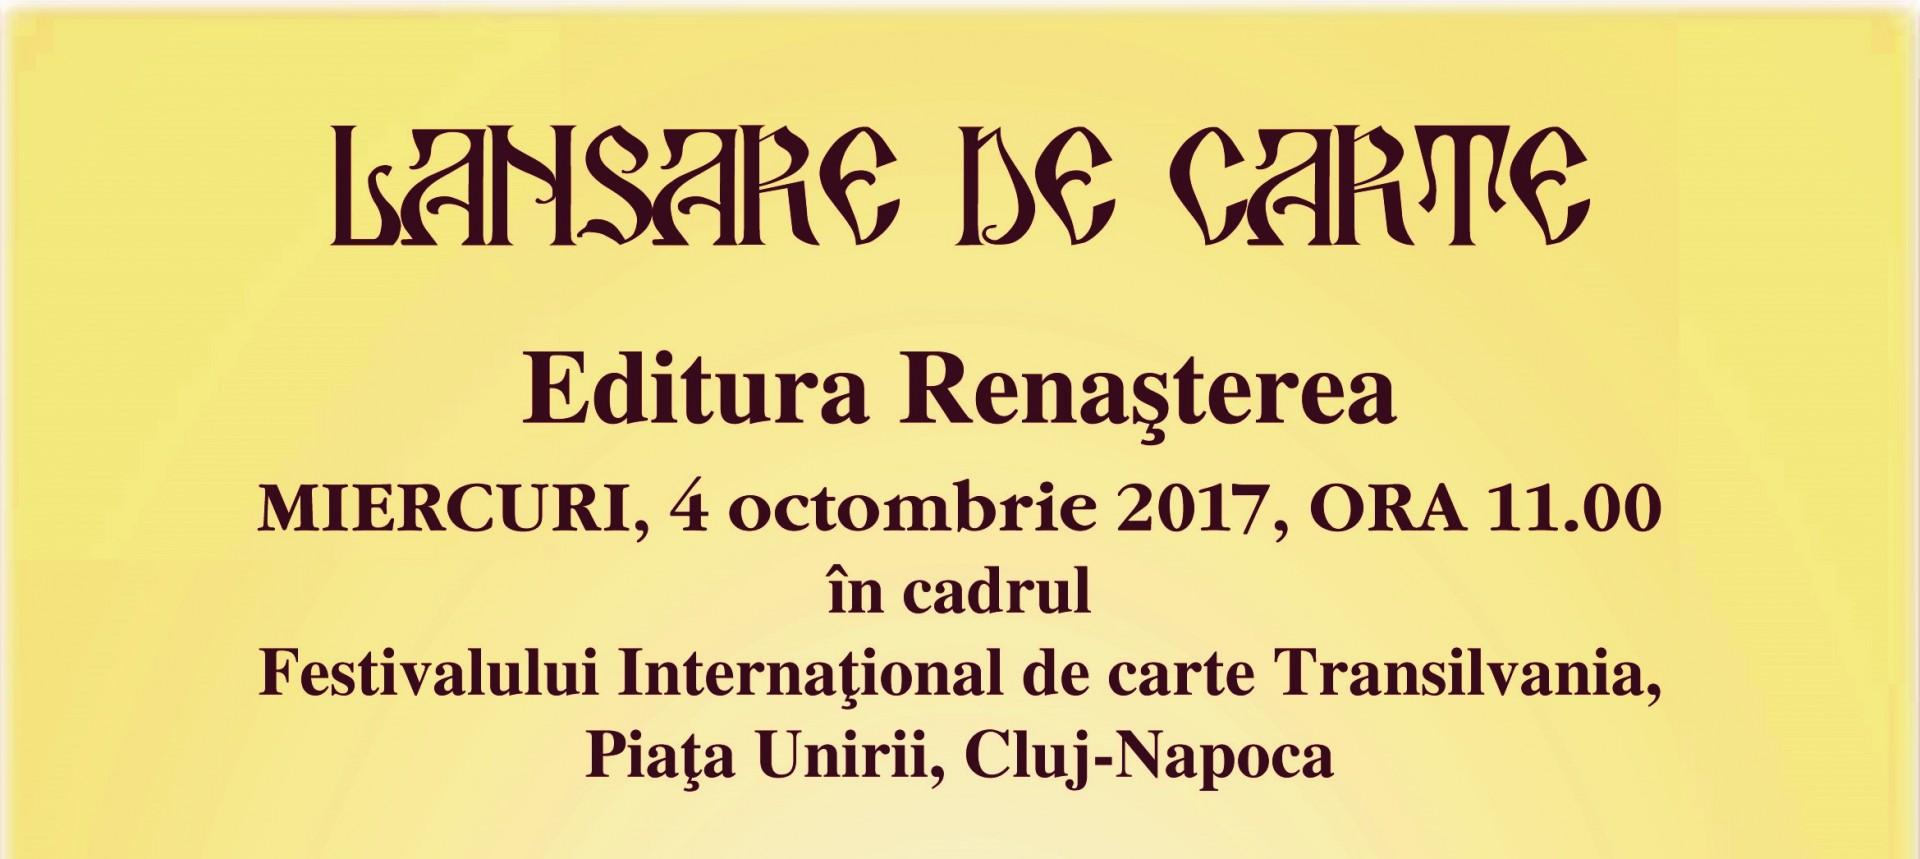 Editura Renașterea a Arhiepiscopiei Clujului, prezentă la FICT 2017